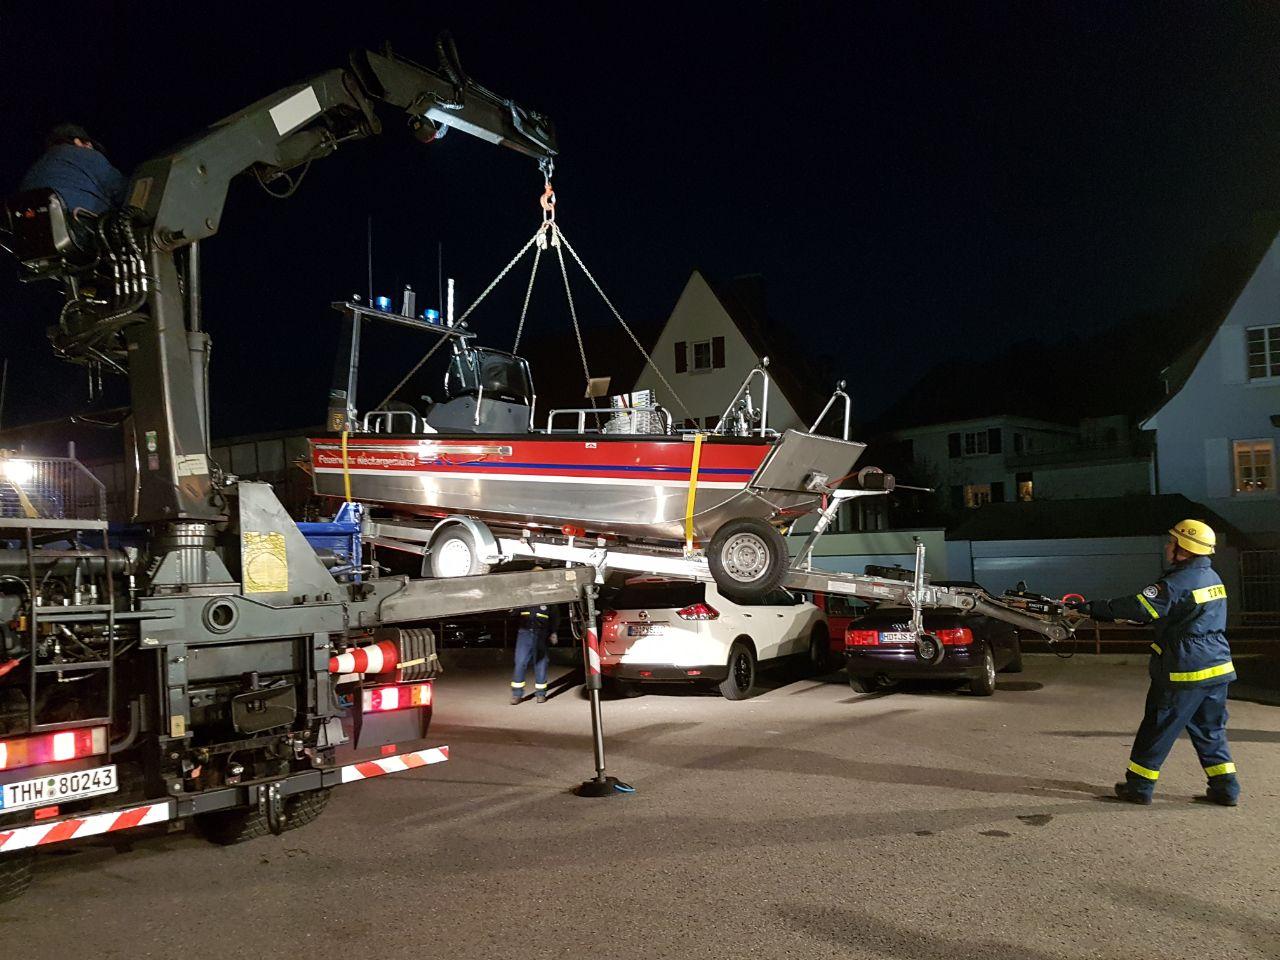 2017-10-16-fahrzeug-mehrzweckboot-007